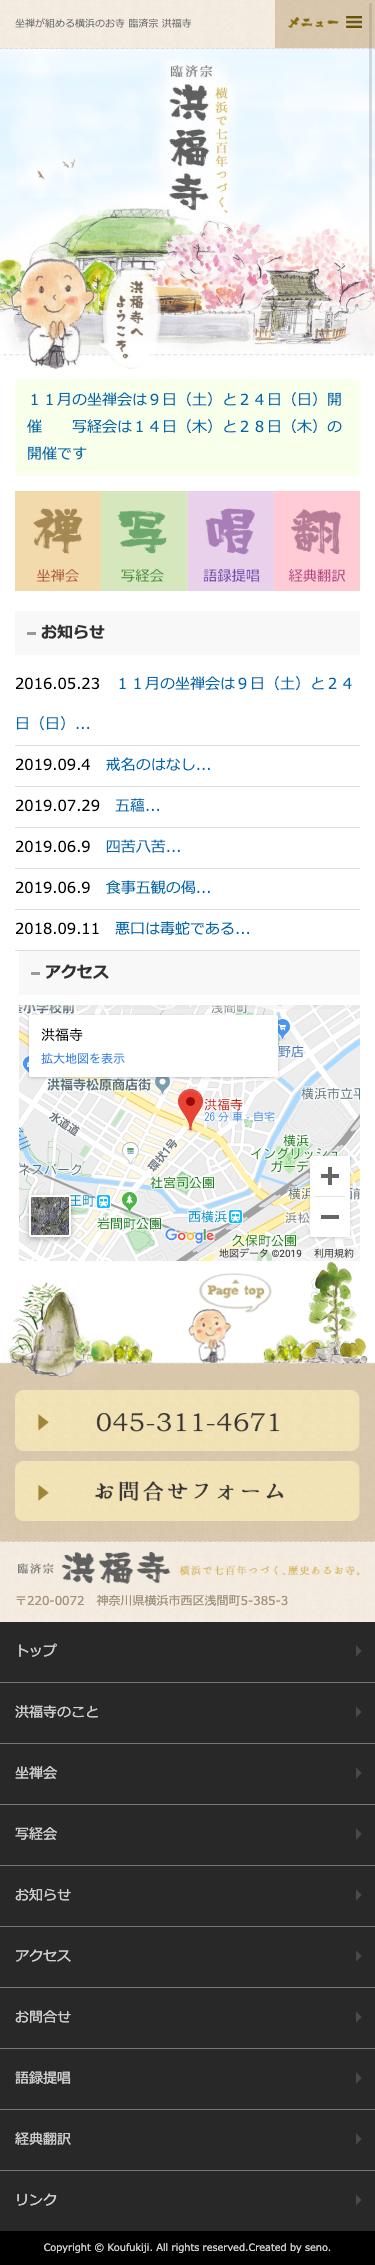 洪福寺|寺院 / コーポレートサイト